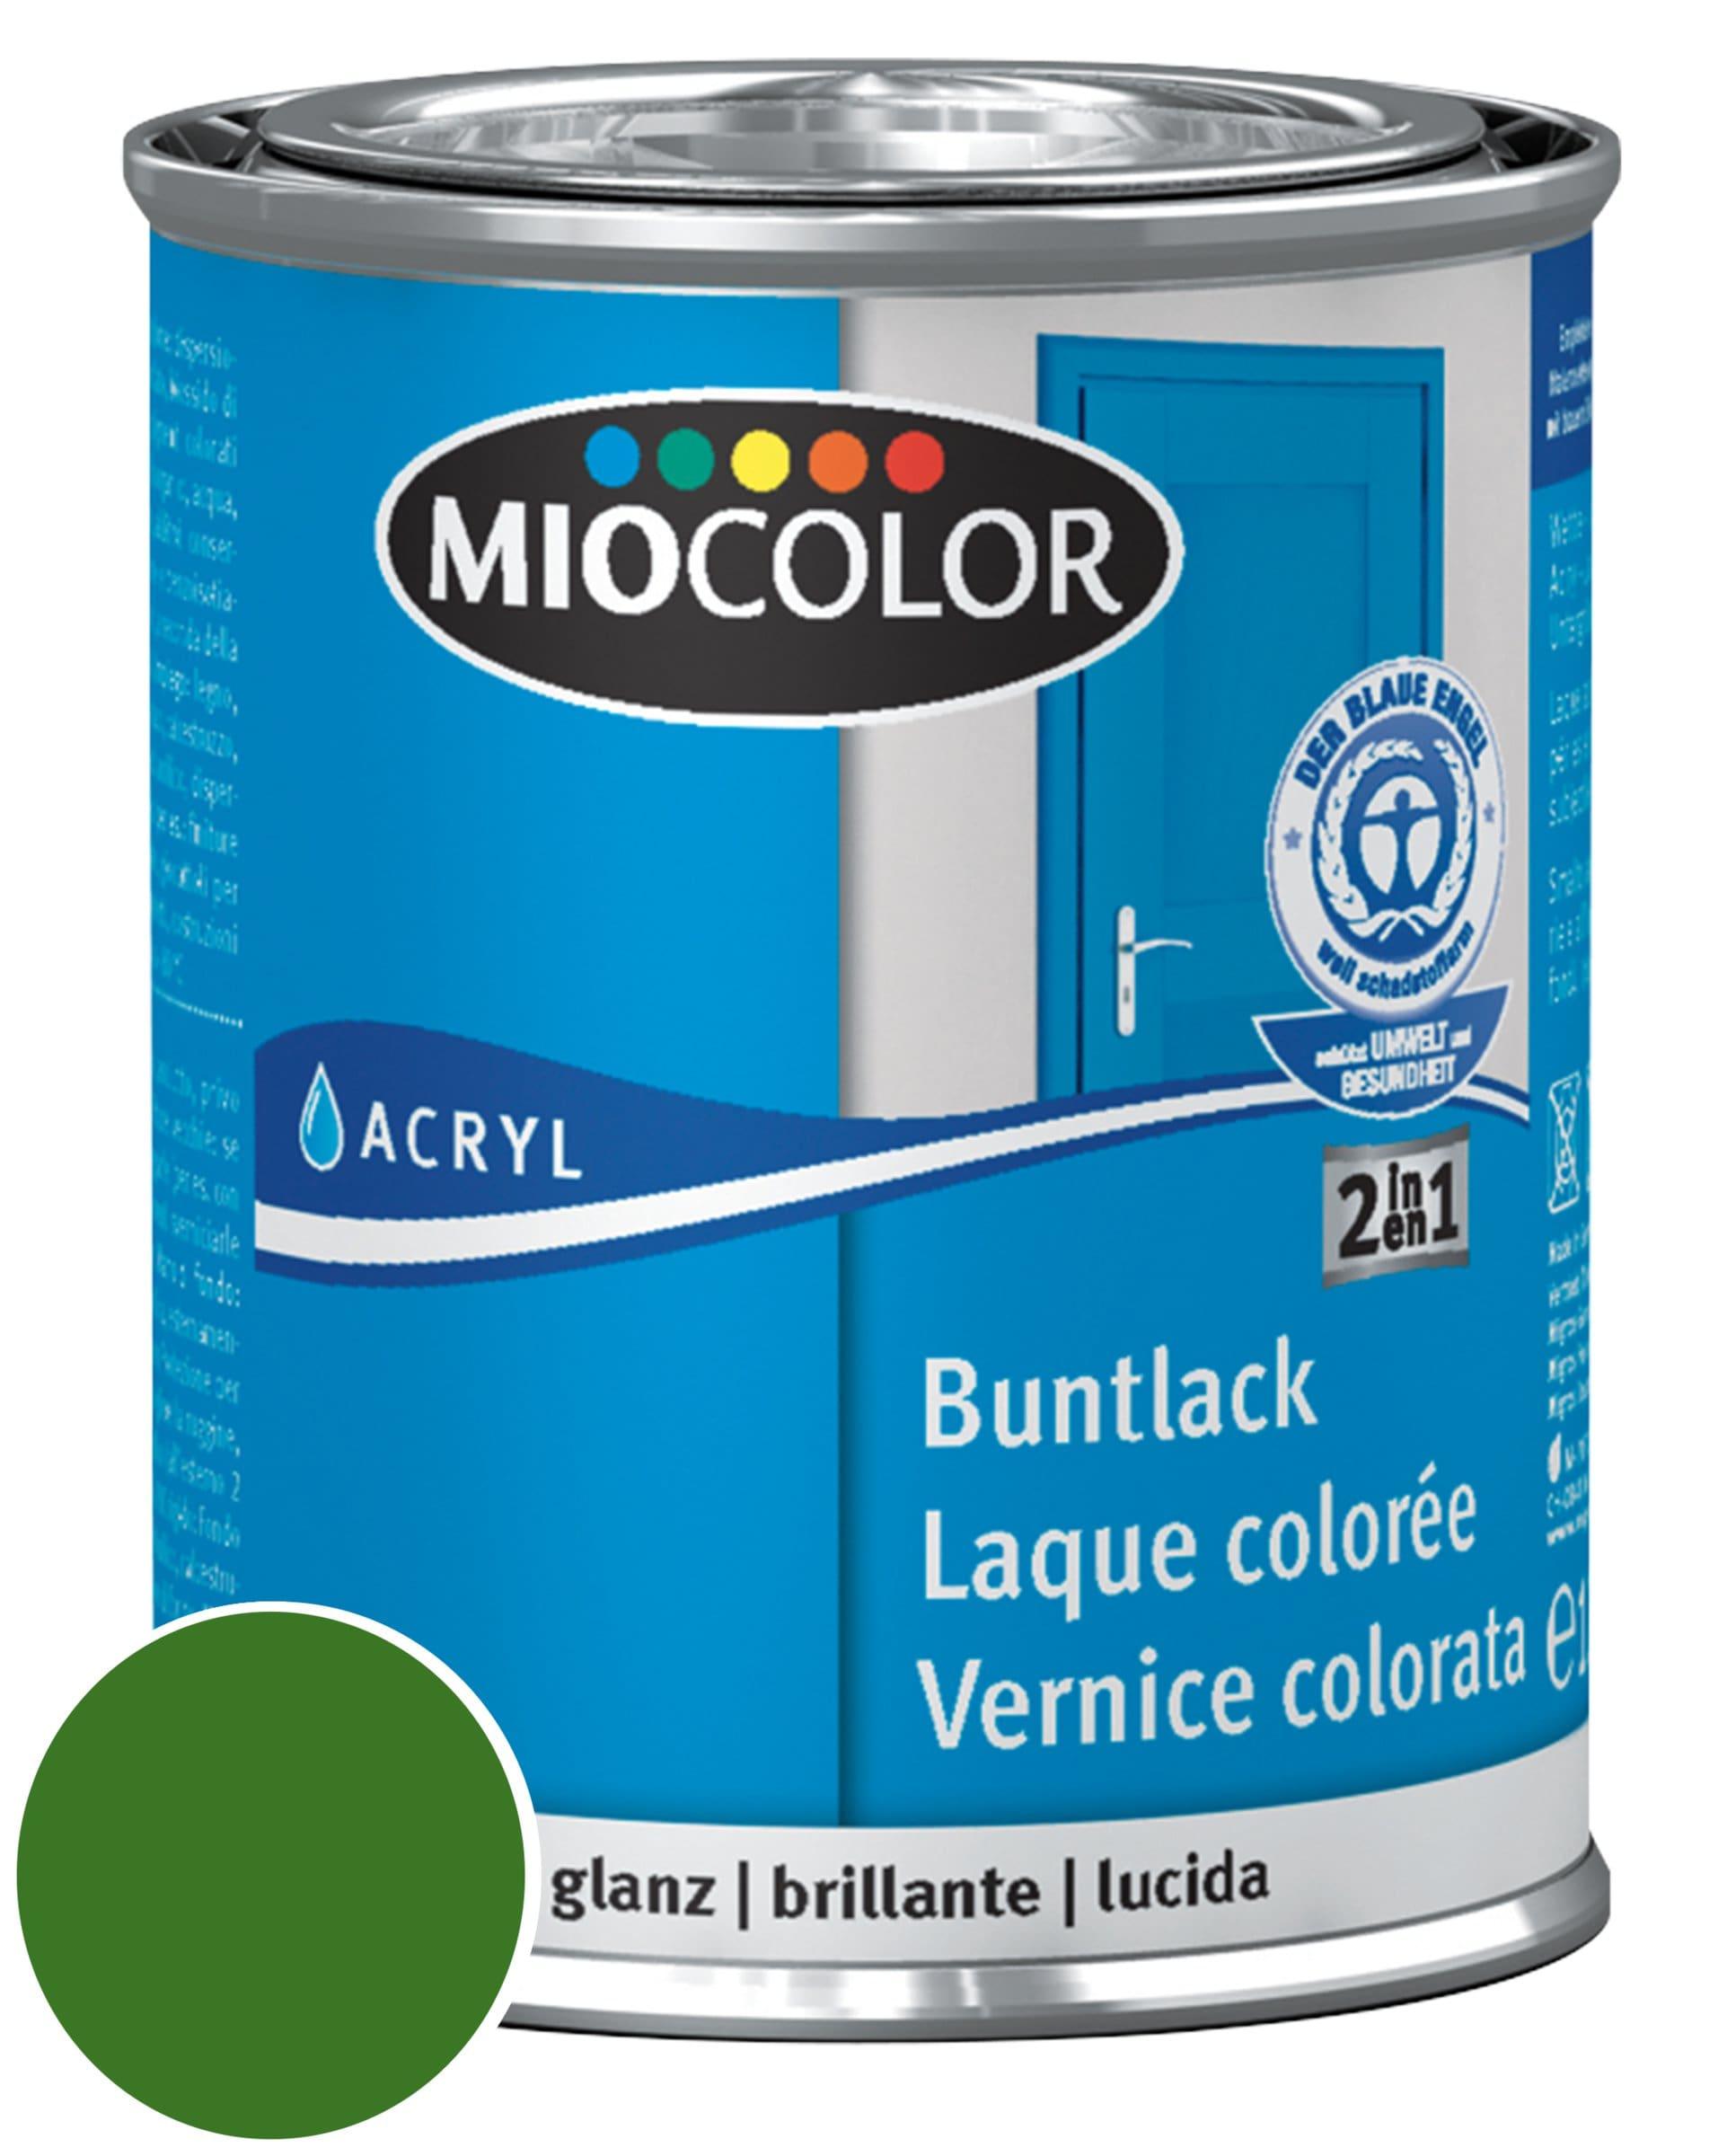 Miocolor Acryl Vernice colorata lucida Blu genziana 750 ml